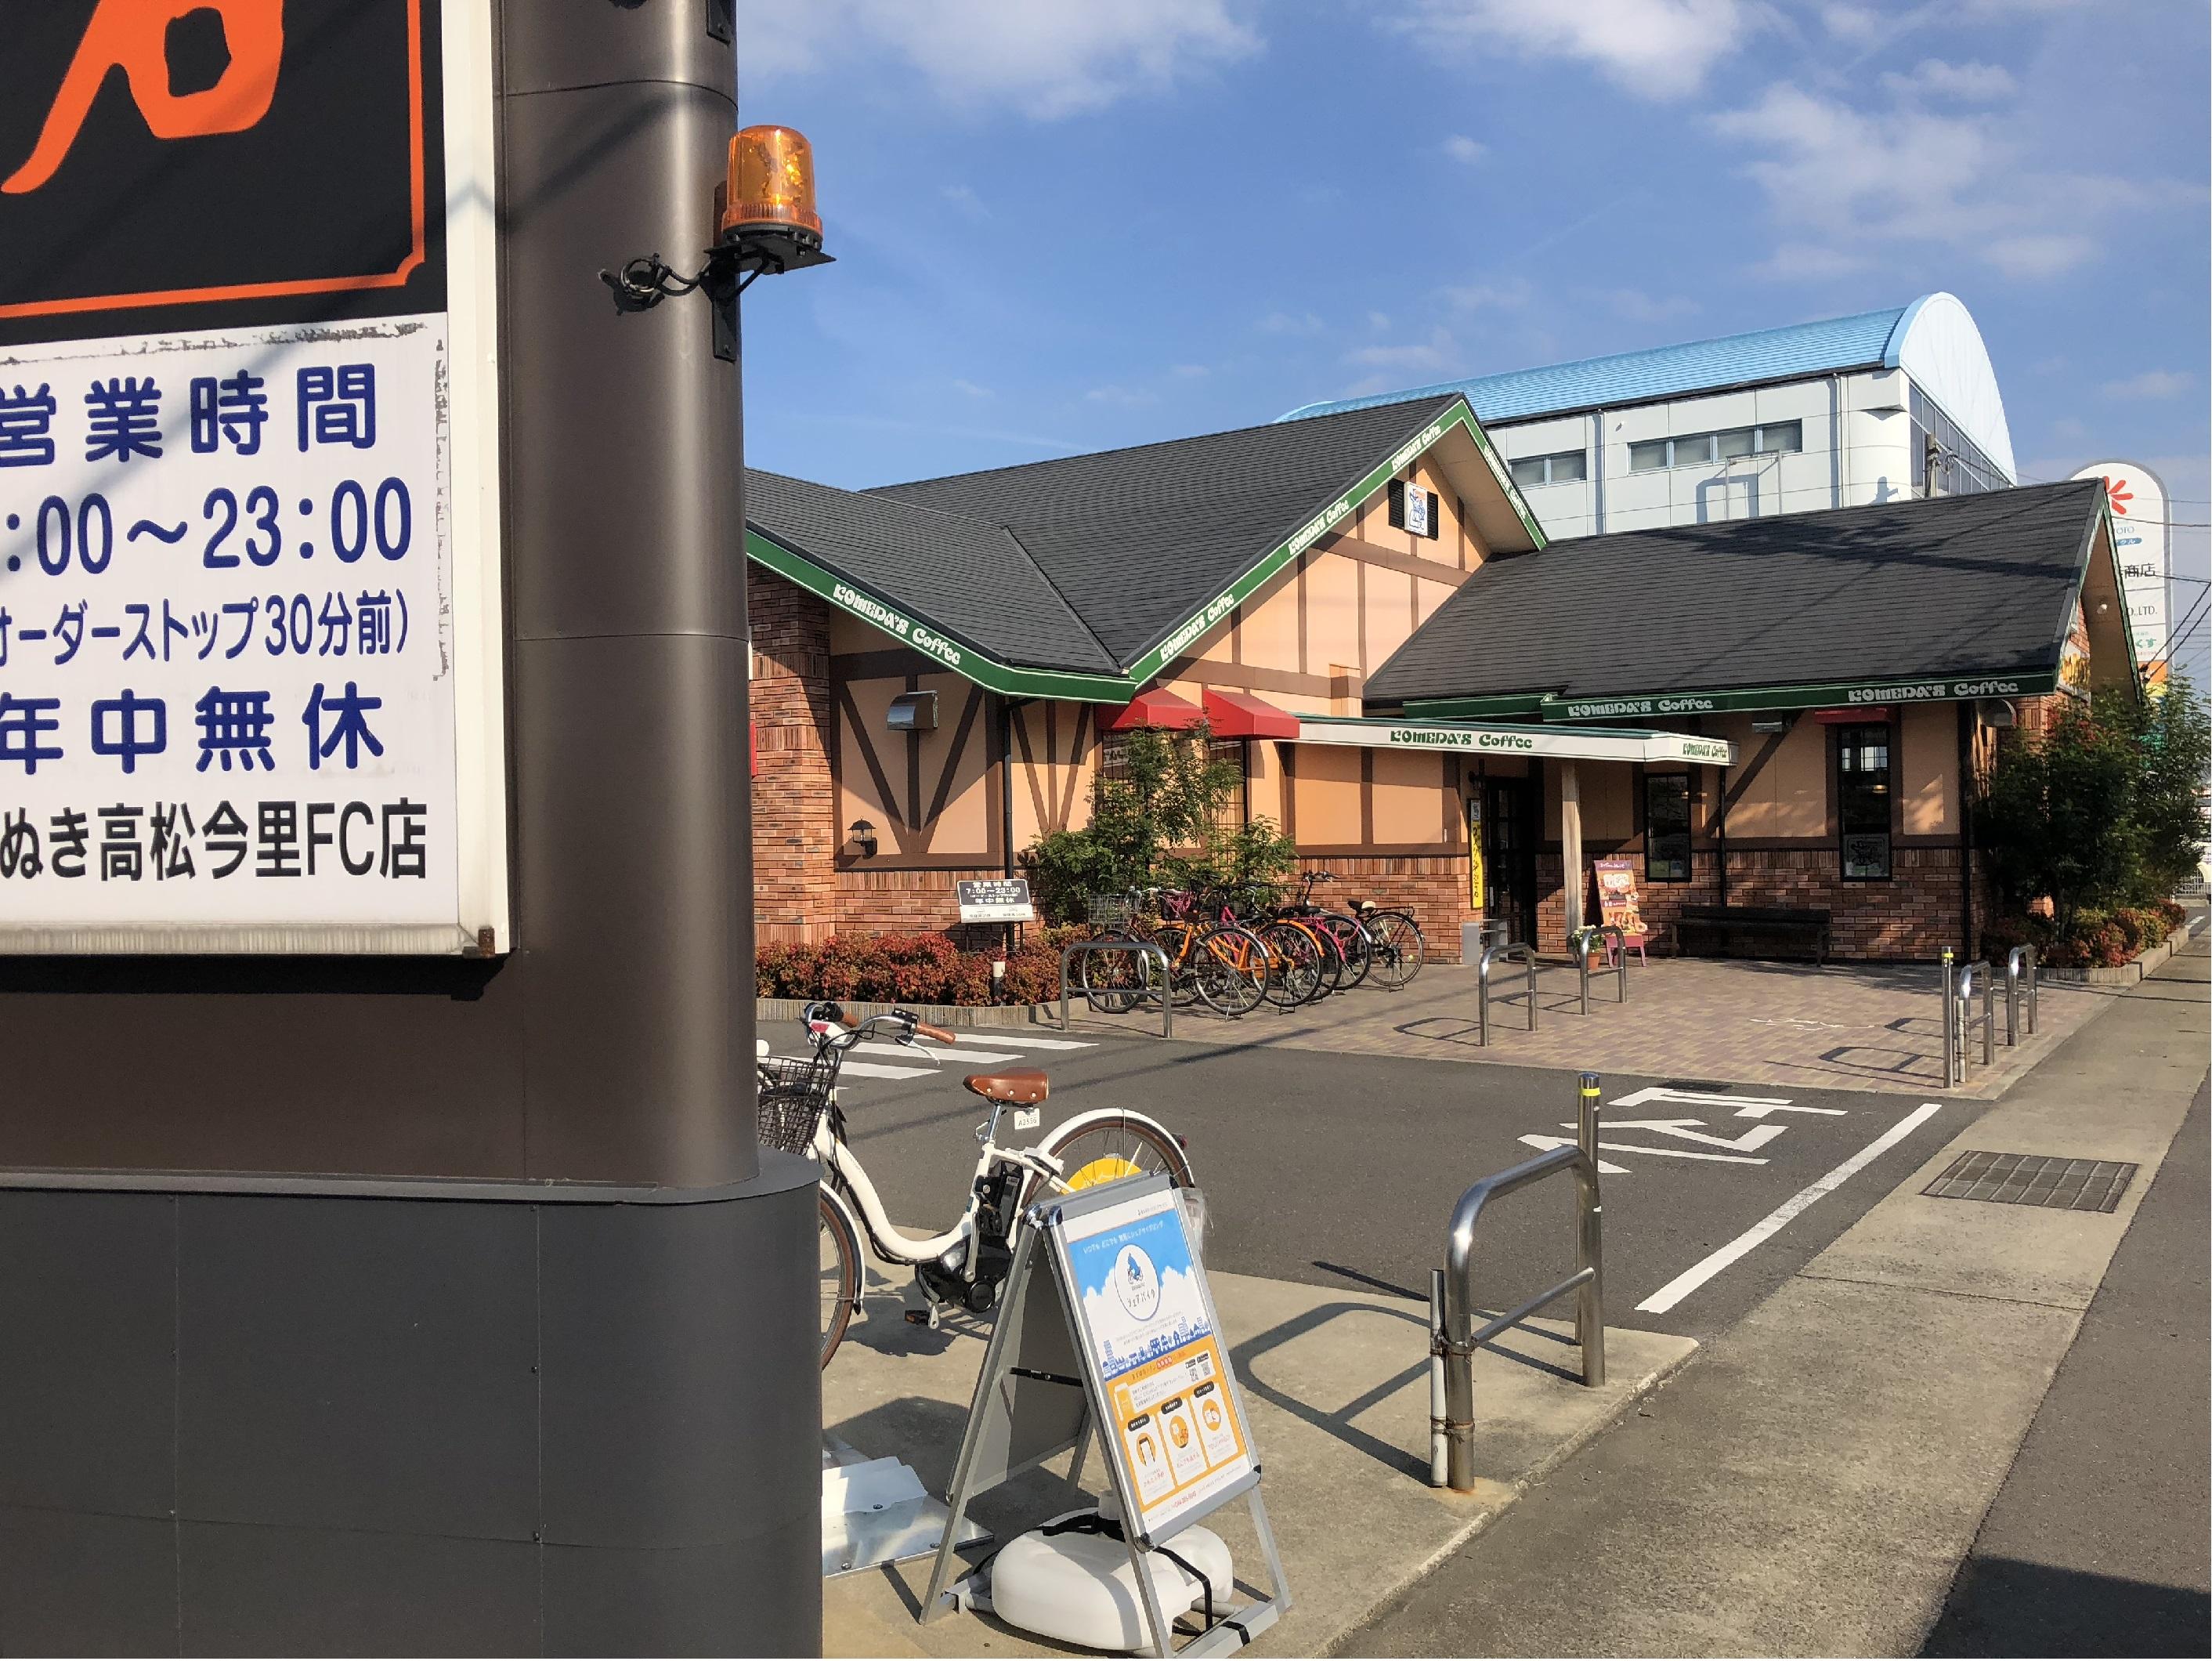 コメダ珈琲店さぬき高松今里店 (HELLO CYCLING ポート) image